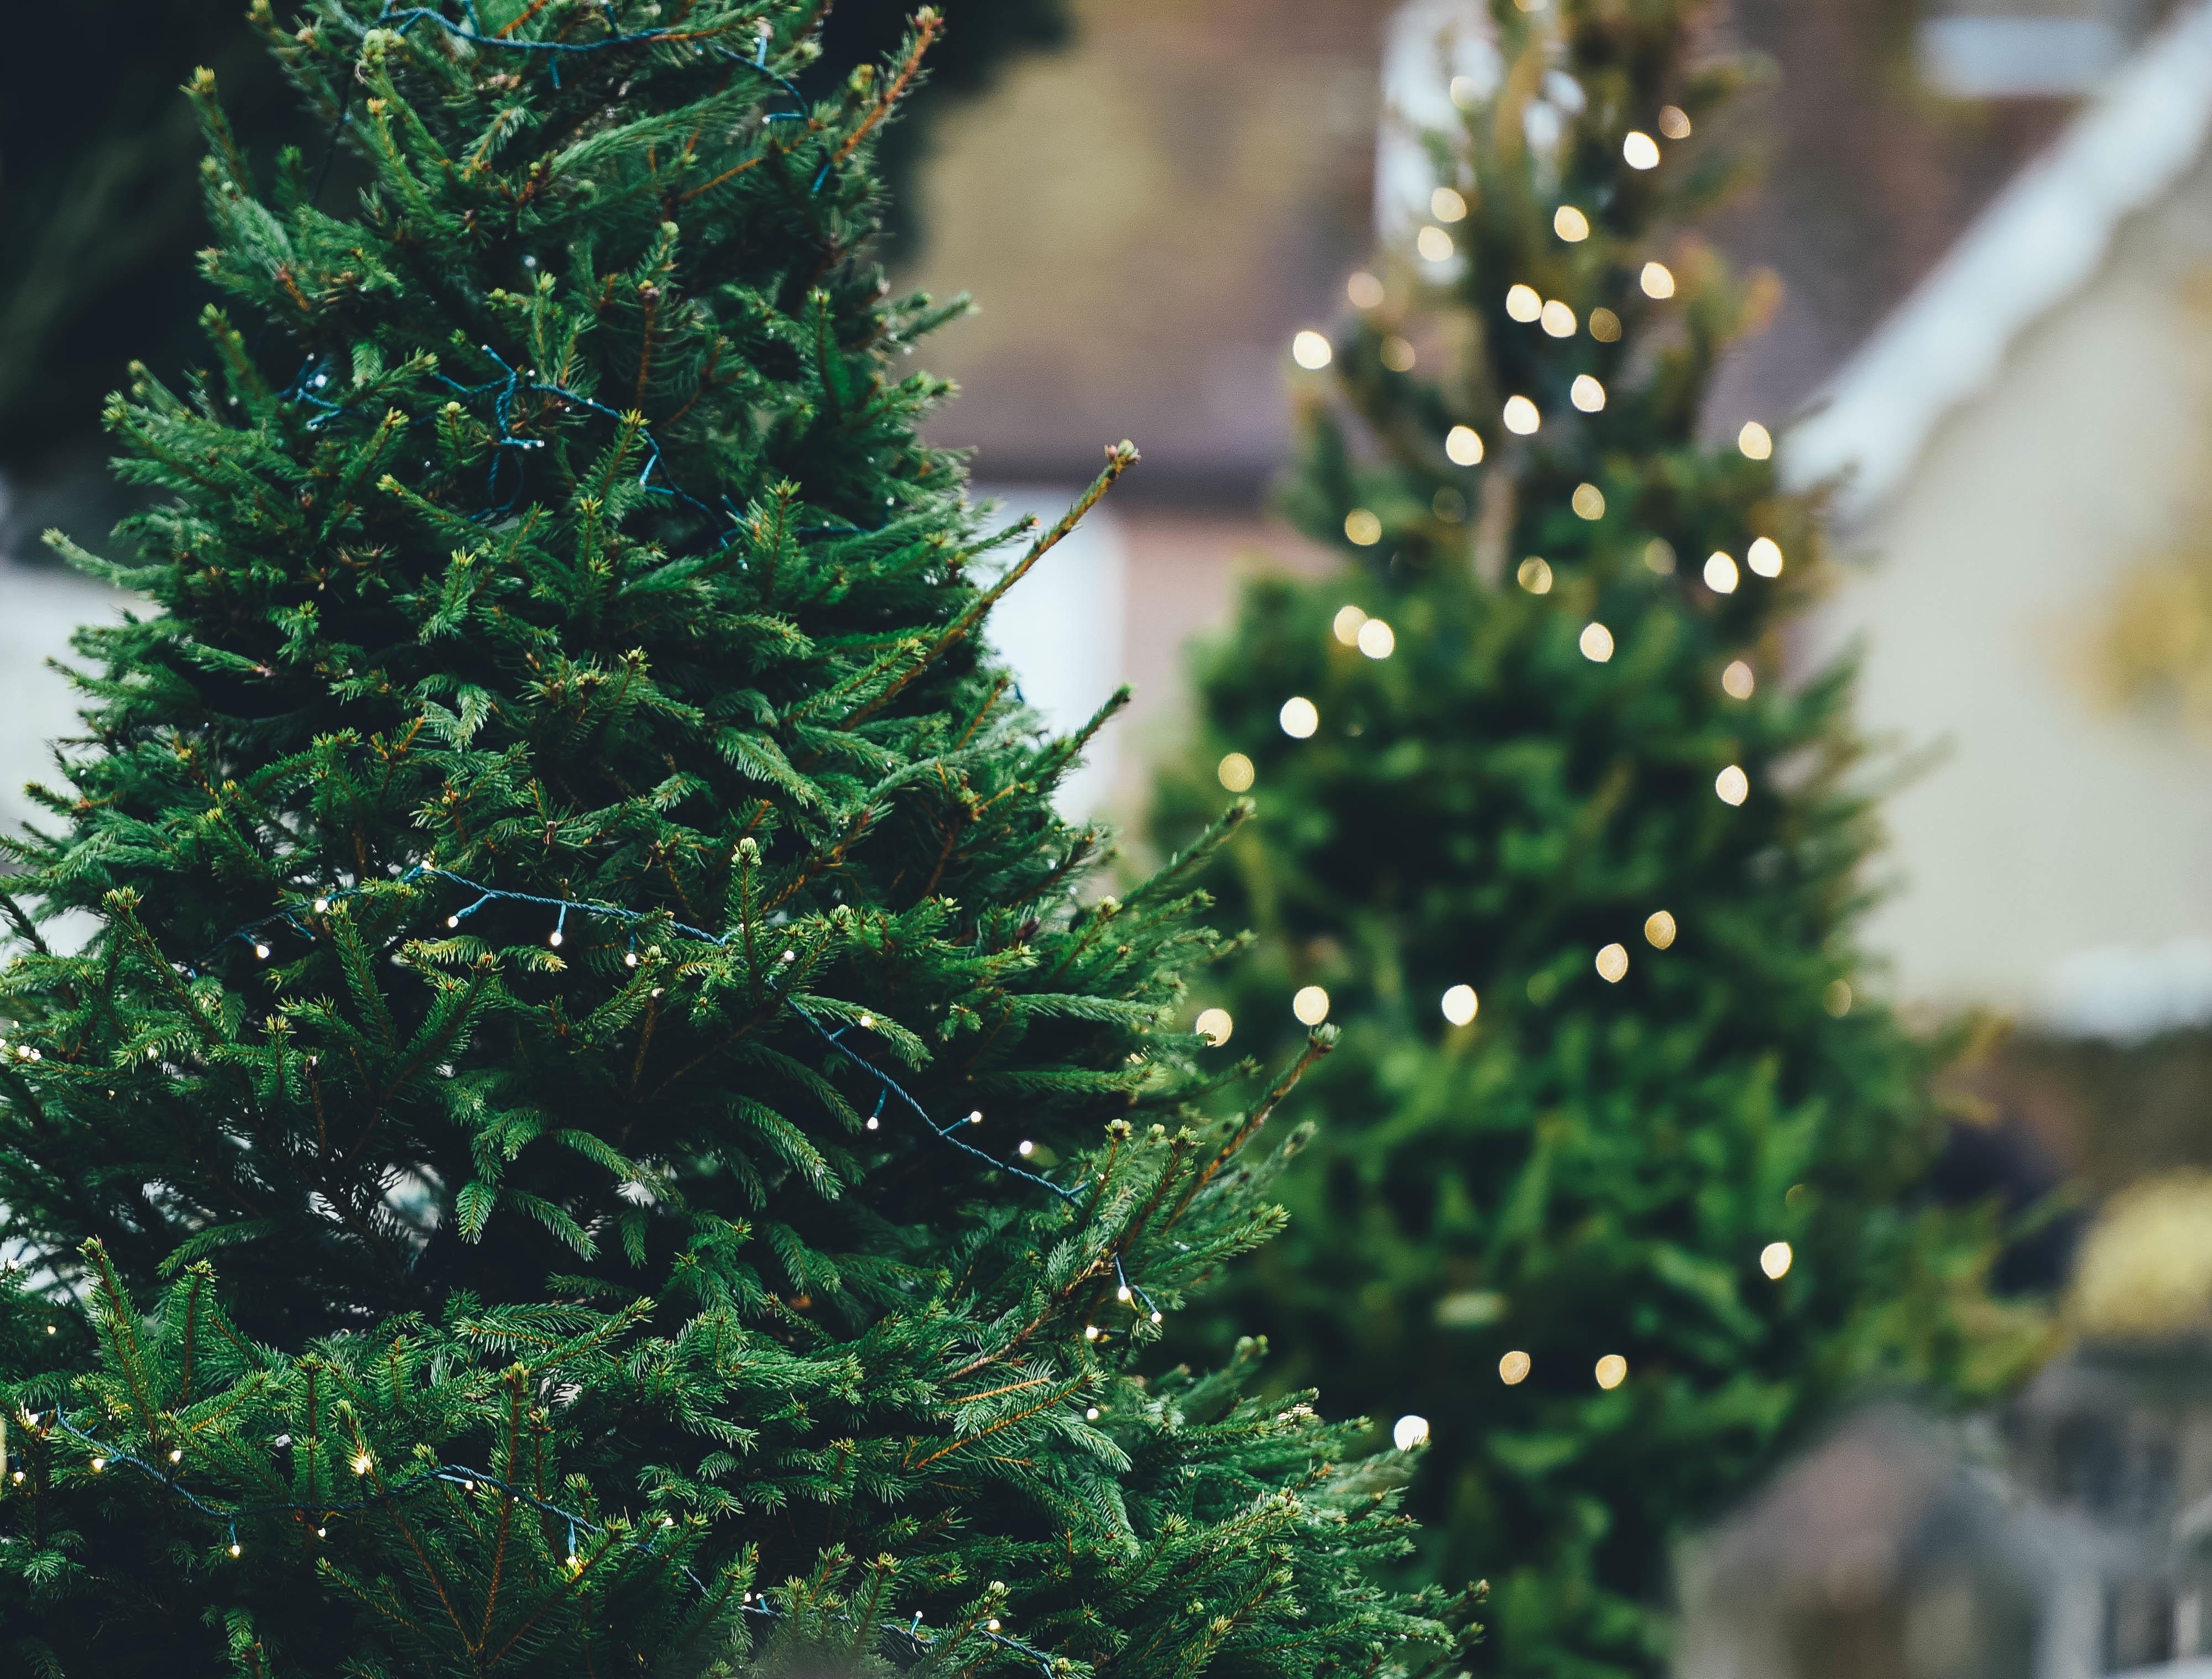 Elegir qué árbol presidirá tu casa en Navidad es difícil, pero te damos algunos consejos que harán que la elección sea más fácil.